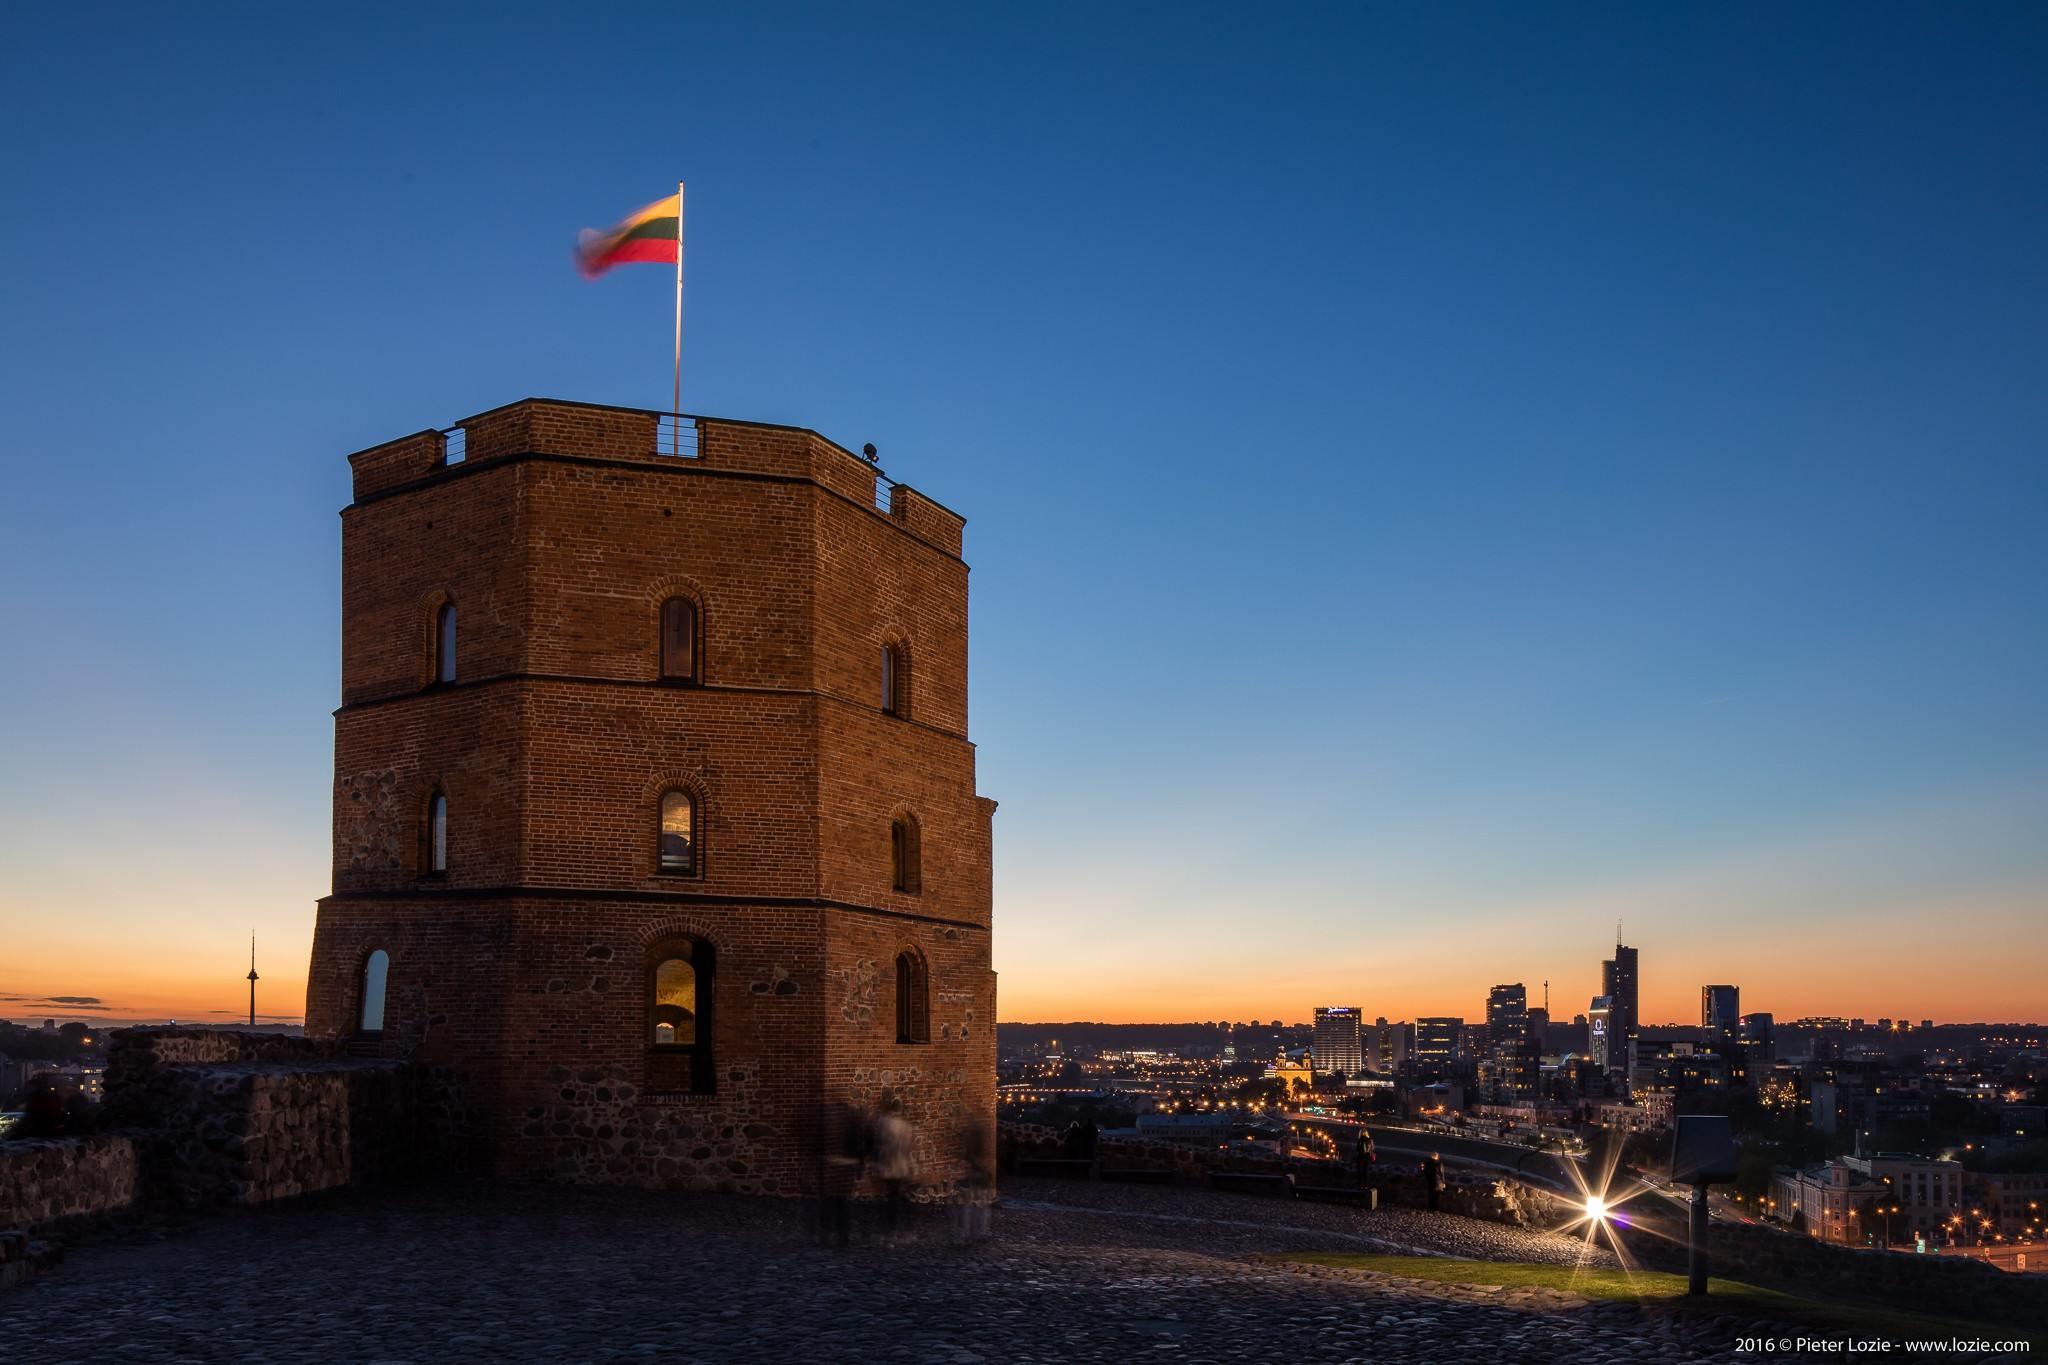 památka v Litvě